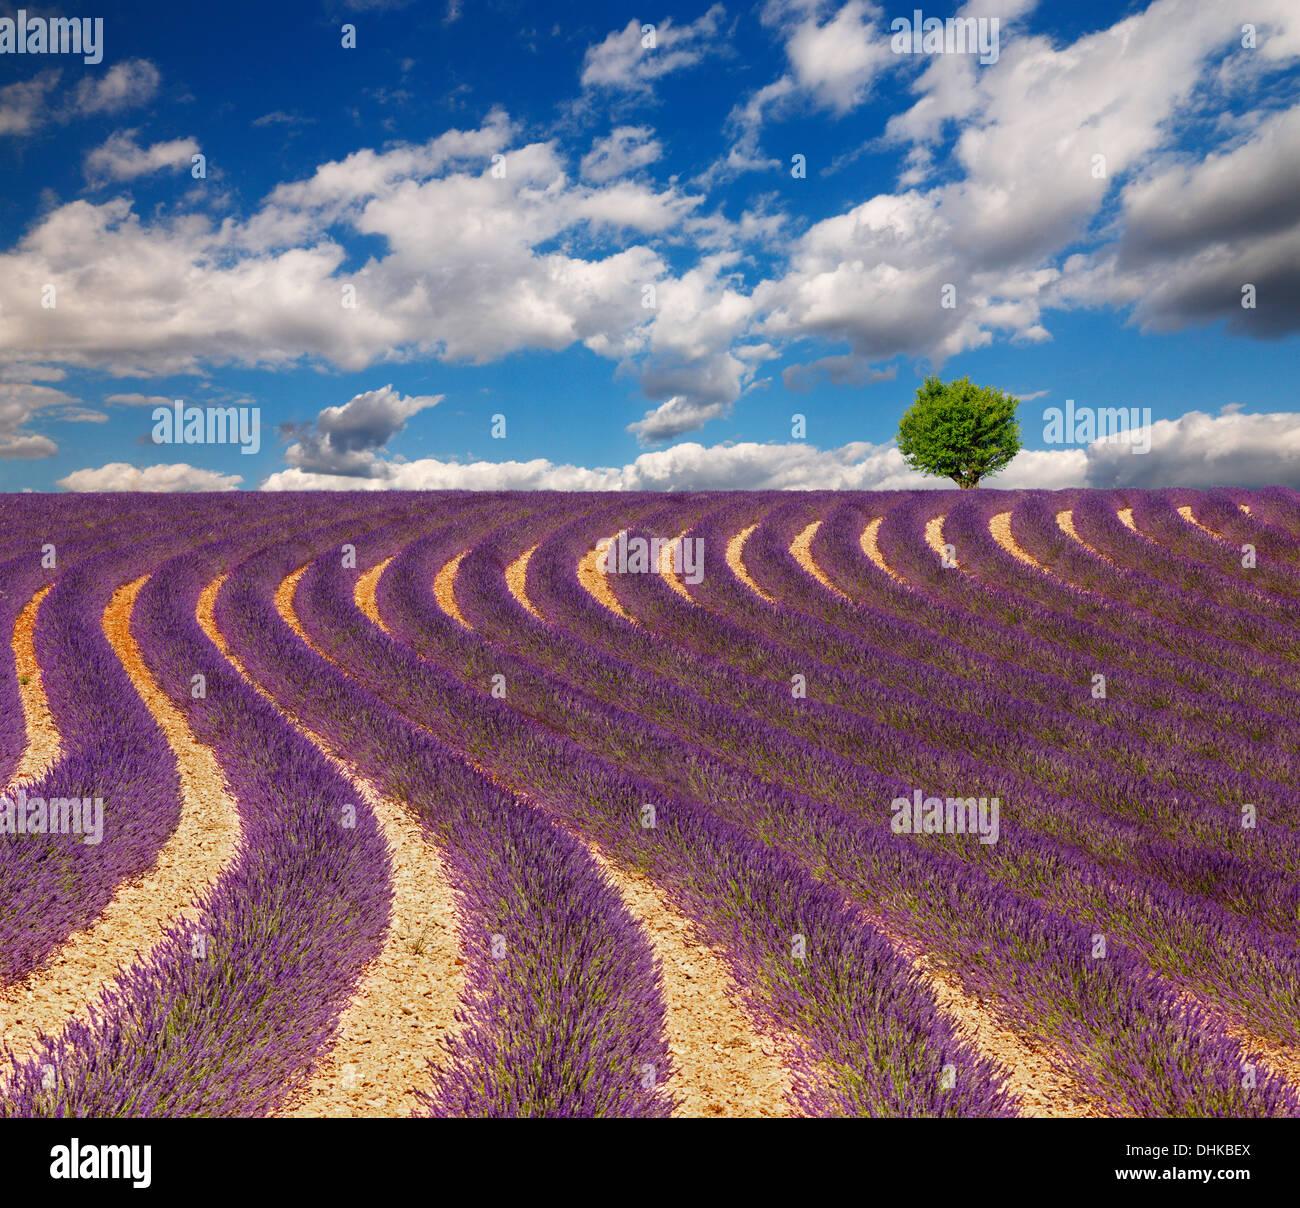 Lavendel-Feld mit schönen Wolken und ein Baum am Horizont. Frankreich, Provence. Stockbild